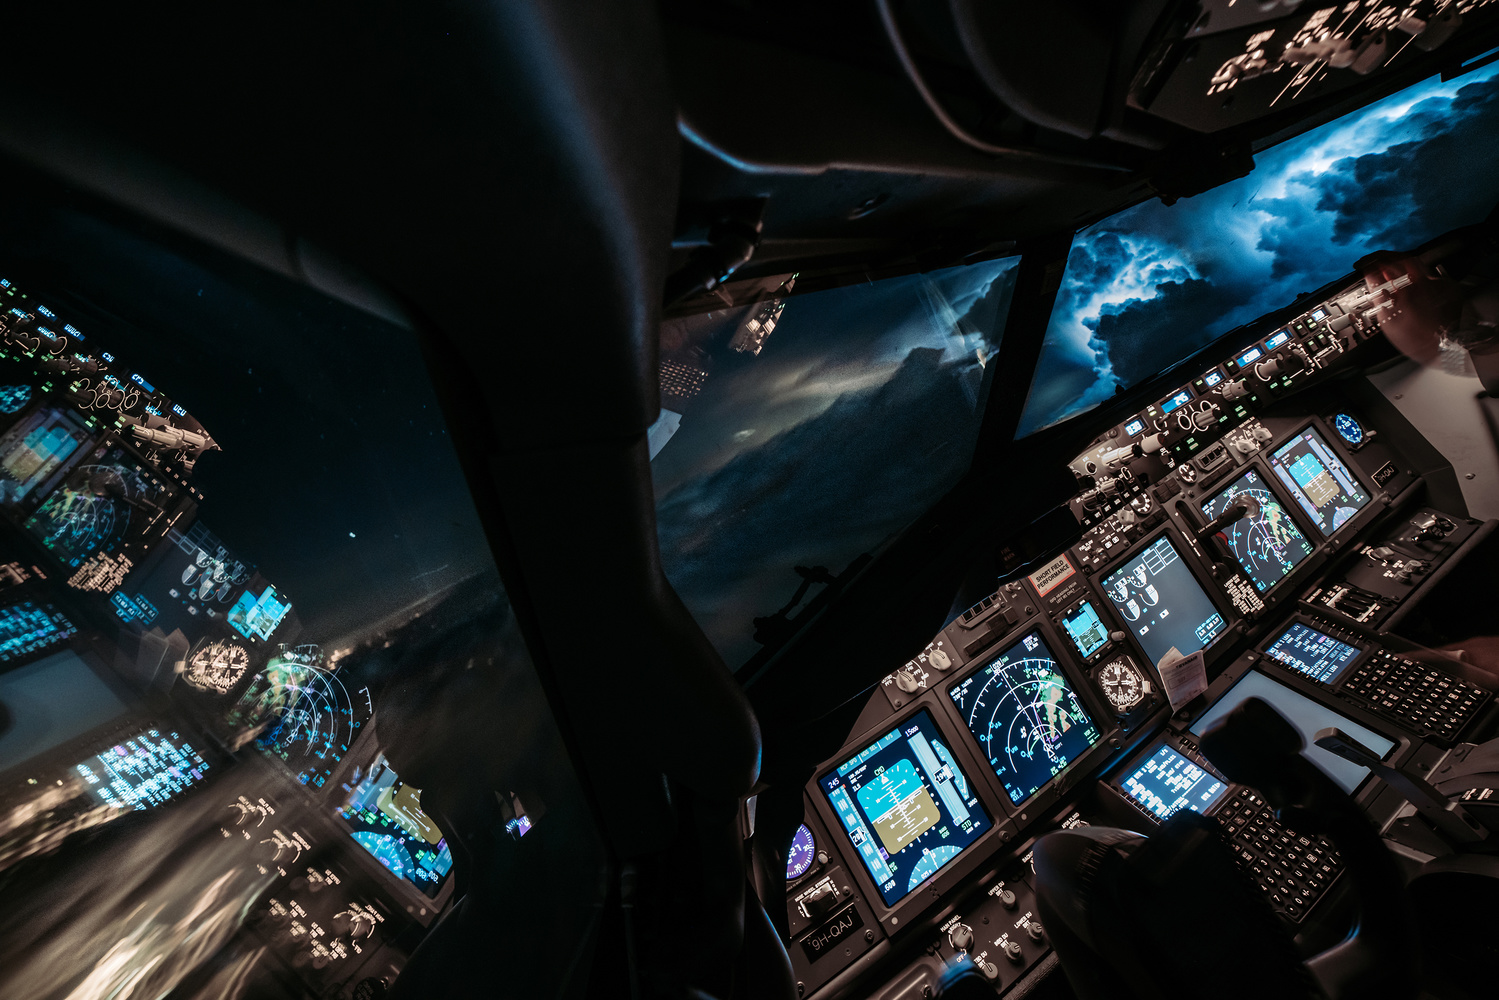 Thunder over France by Steven de Vet